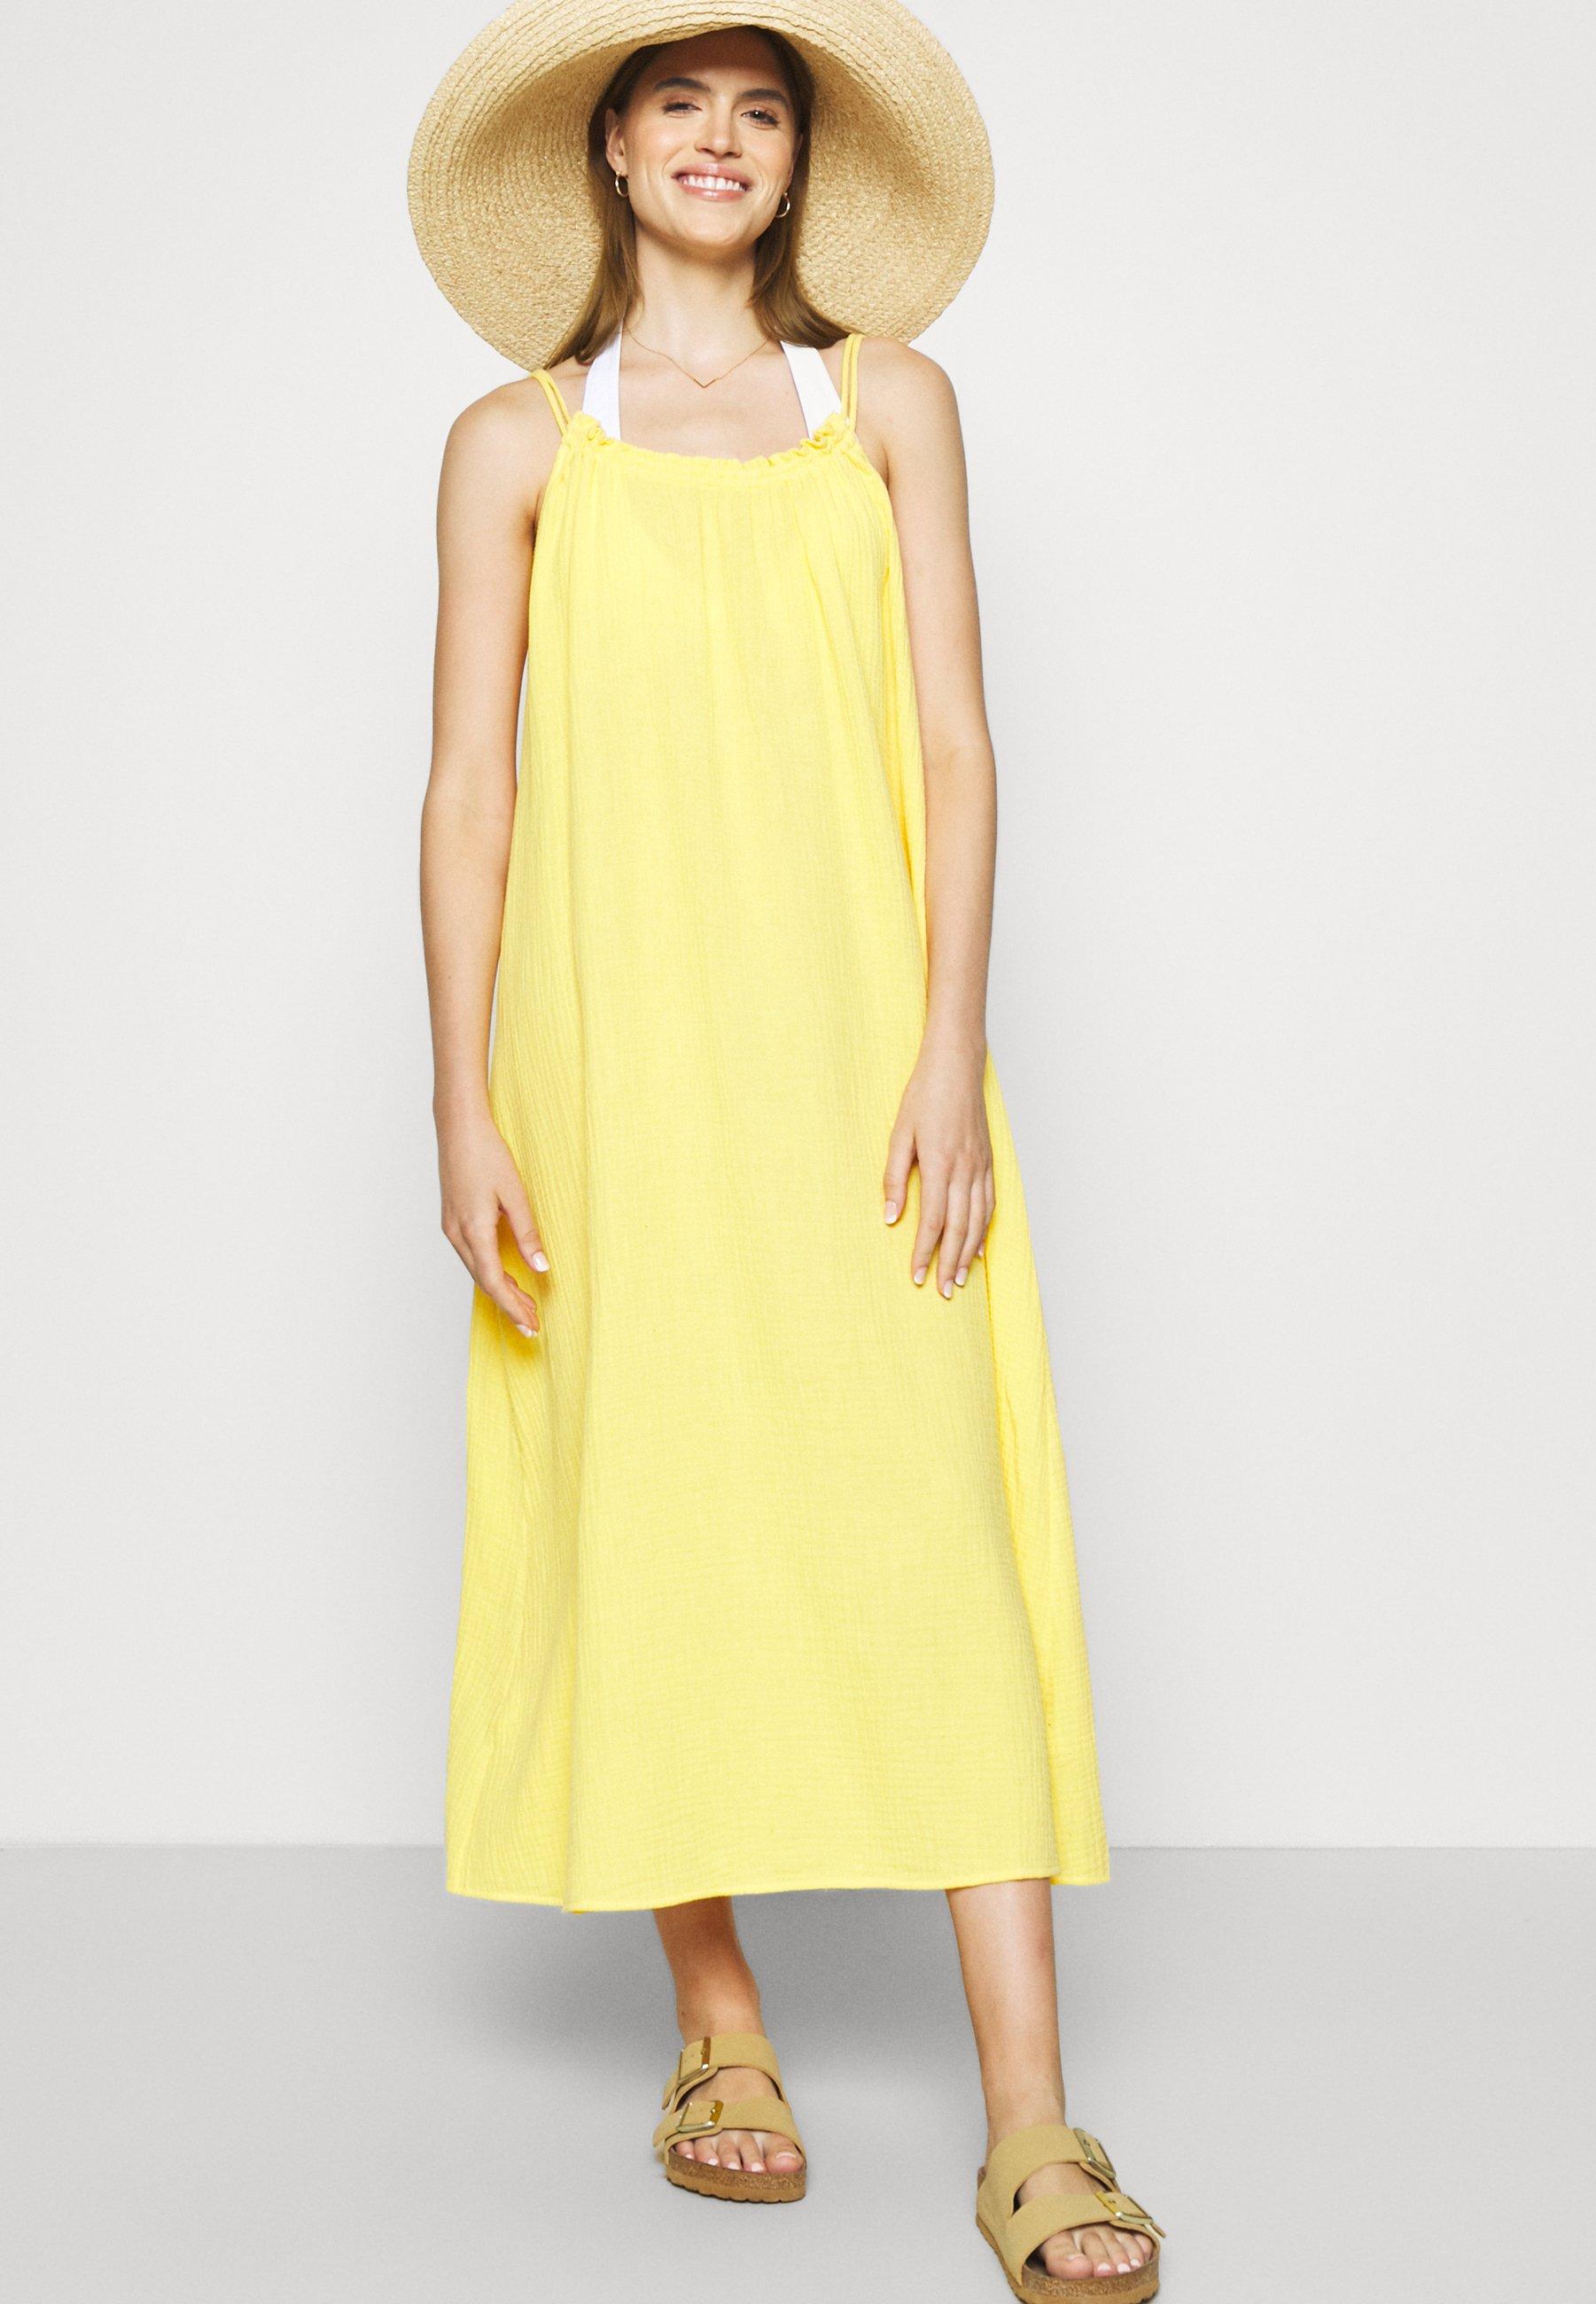 Donna ART HOUSE SOLEIL DOUBLE CLOTH DRESS - Accessorio da spiaggia